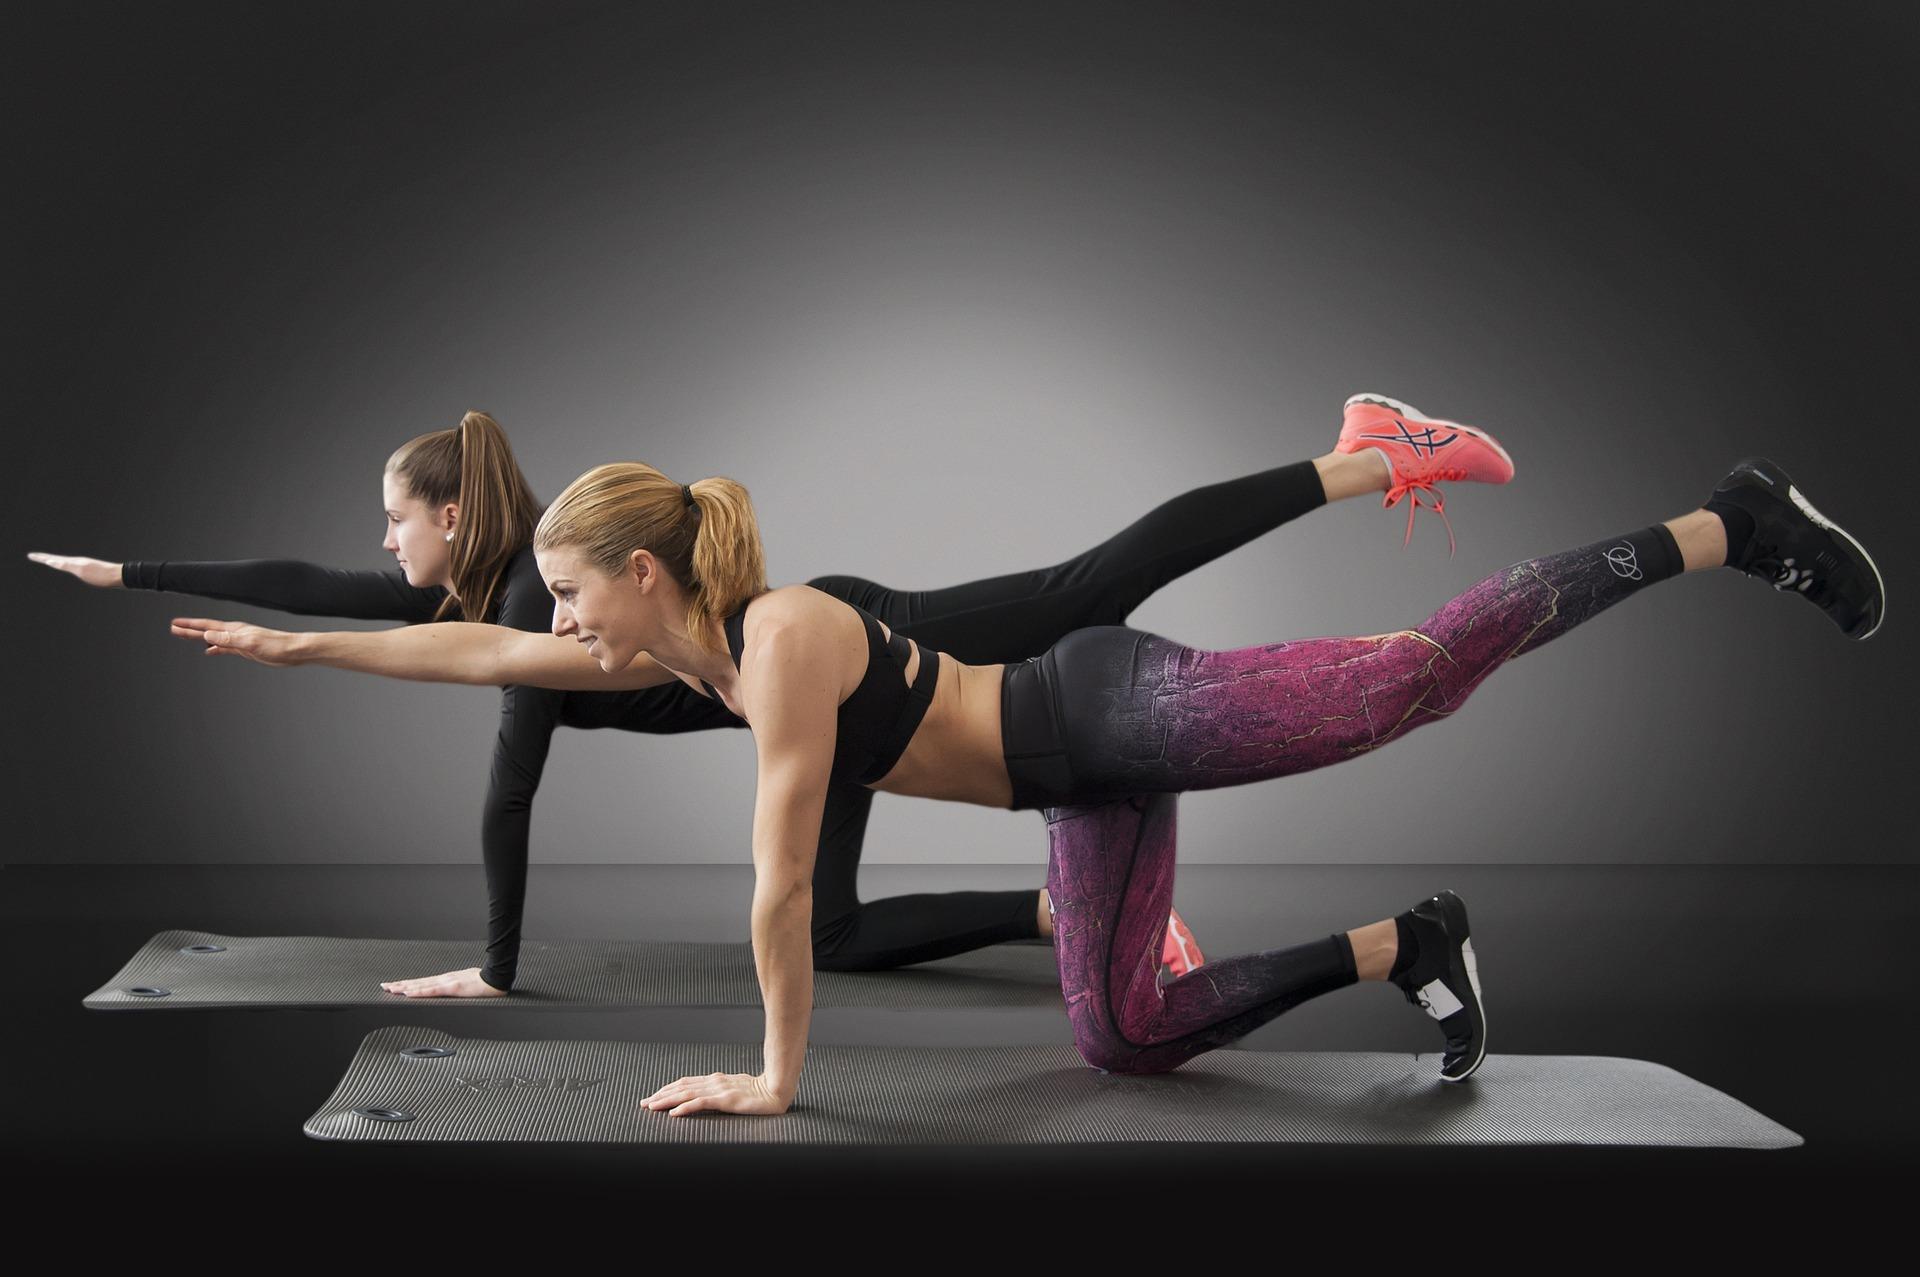 Fitnesskleding